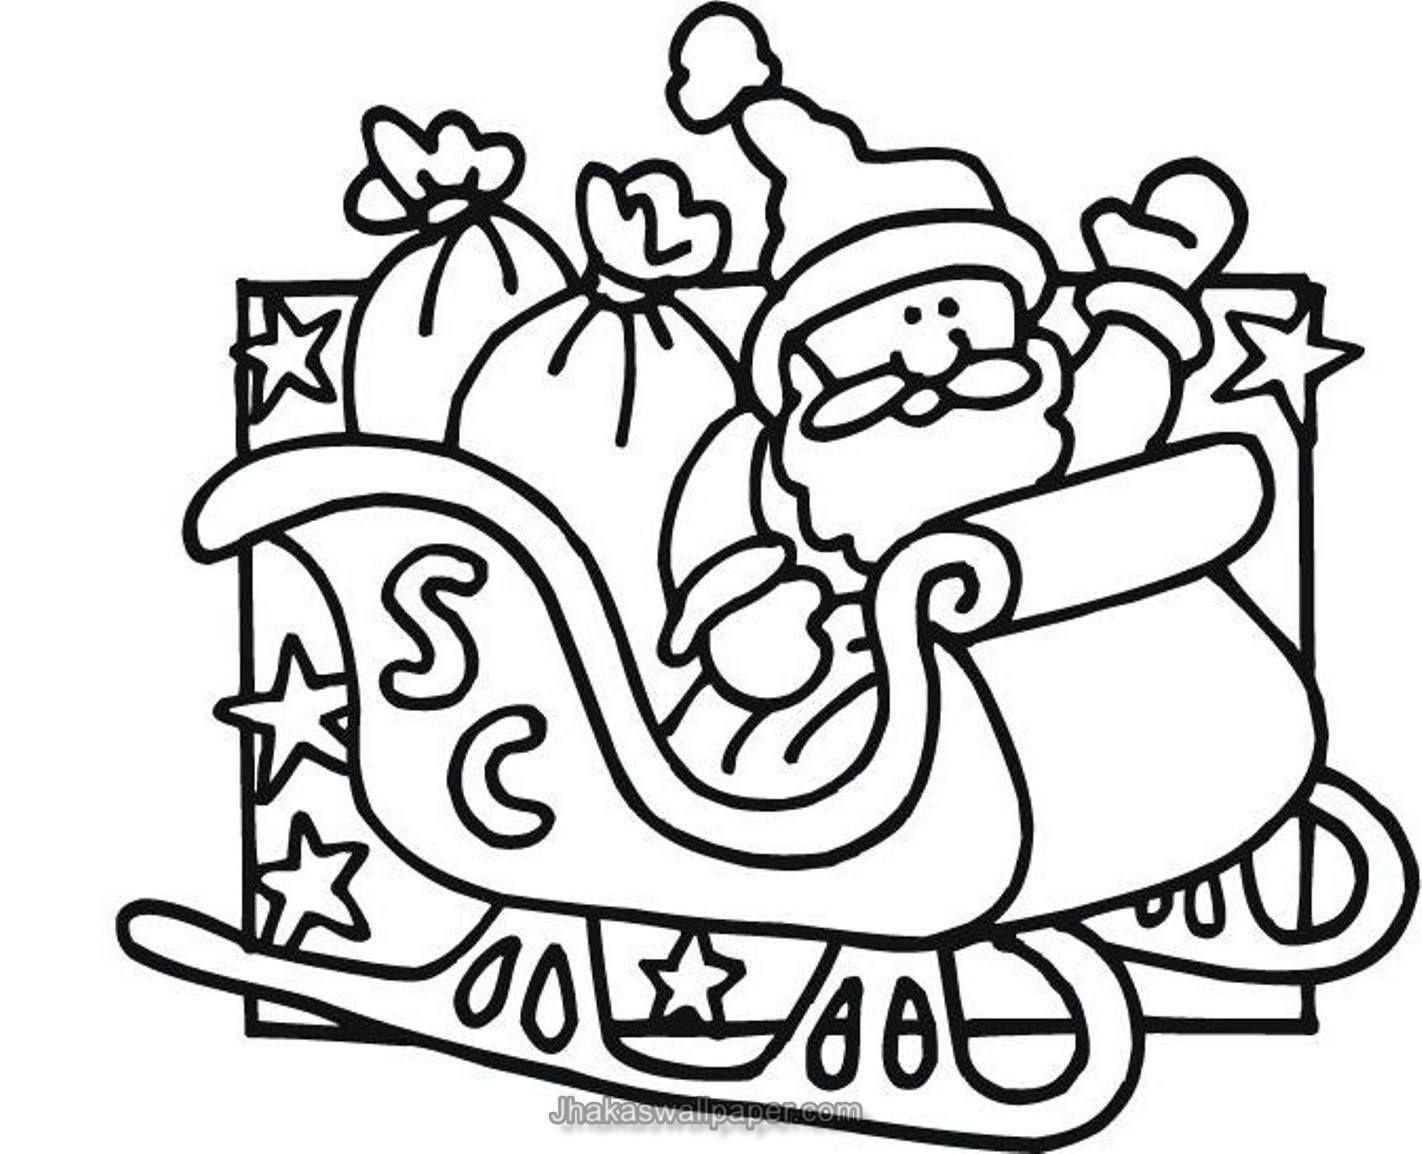 Santa Claus Coloring Page Weihnachtsmalvorlagen Kostenlose Ausmalbilder Malvorlagen Fur Jungen